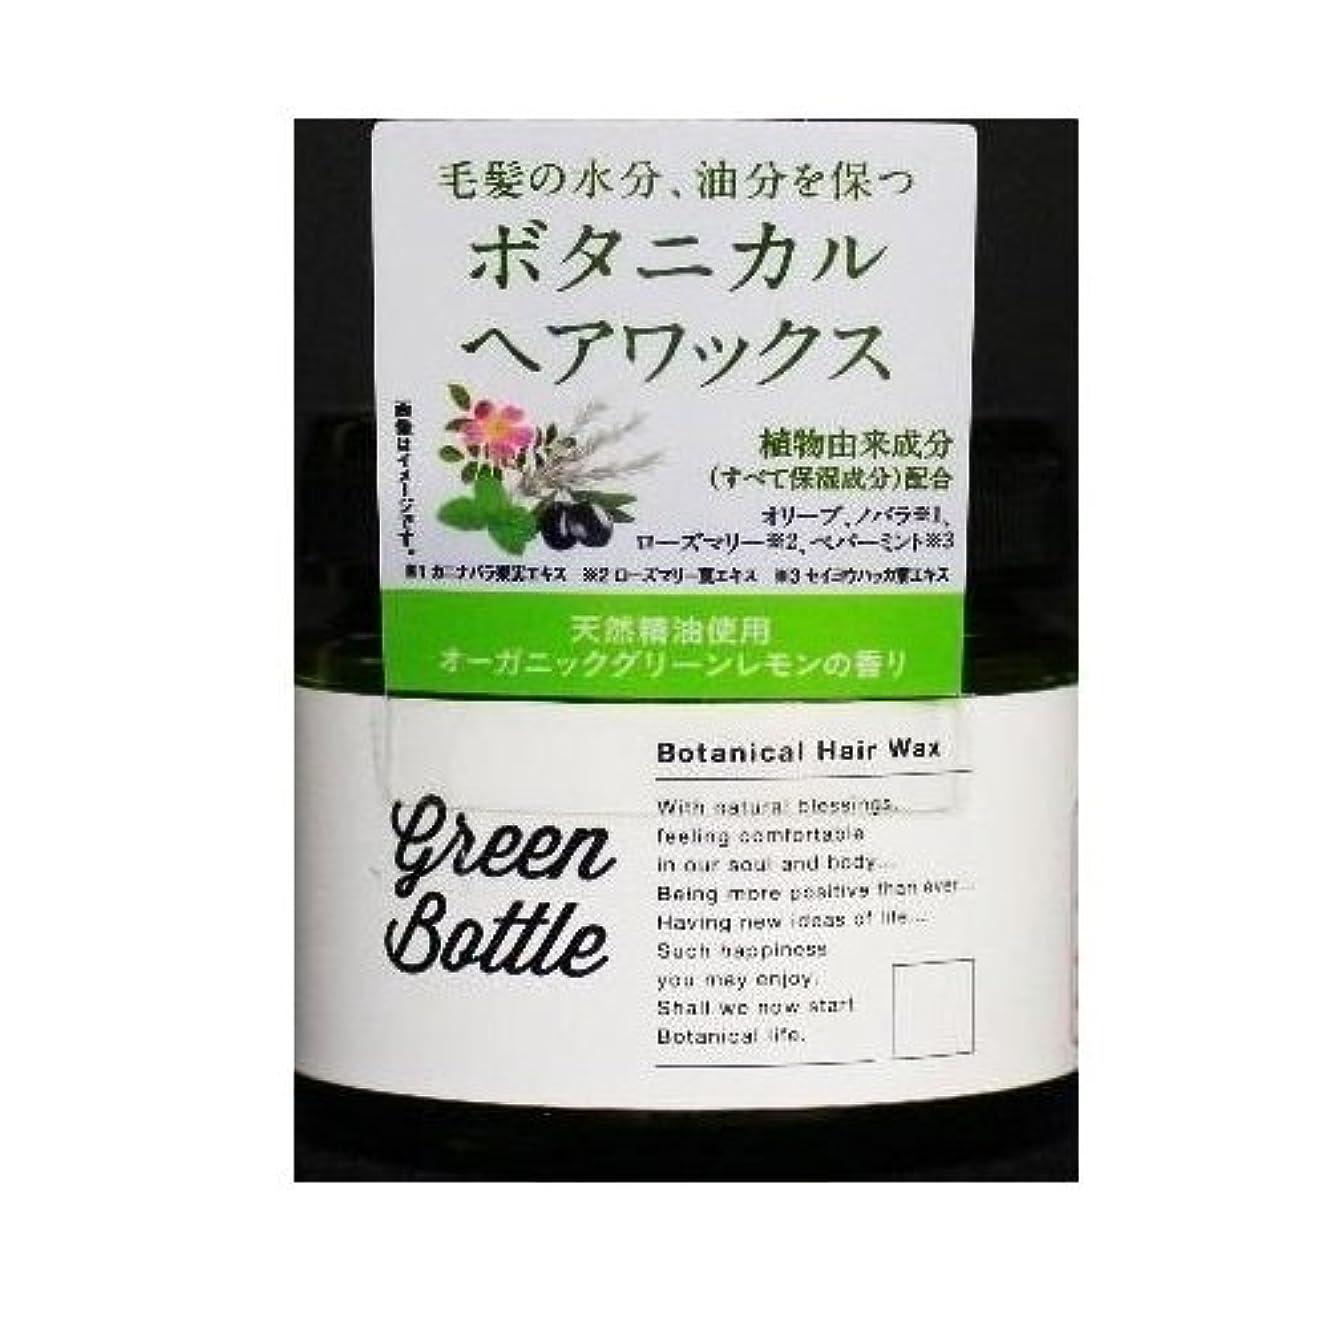 光沢経度教グリーンボトルボタニカルヘアワックス